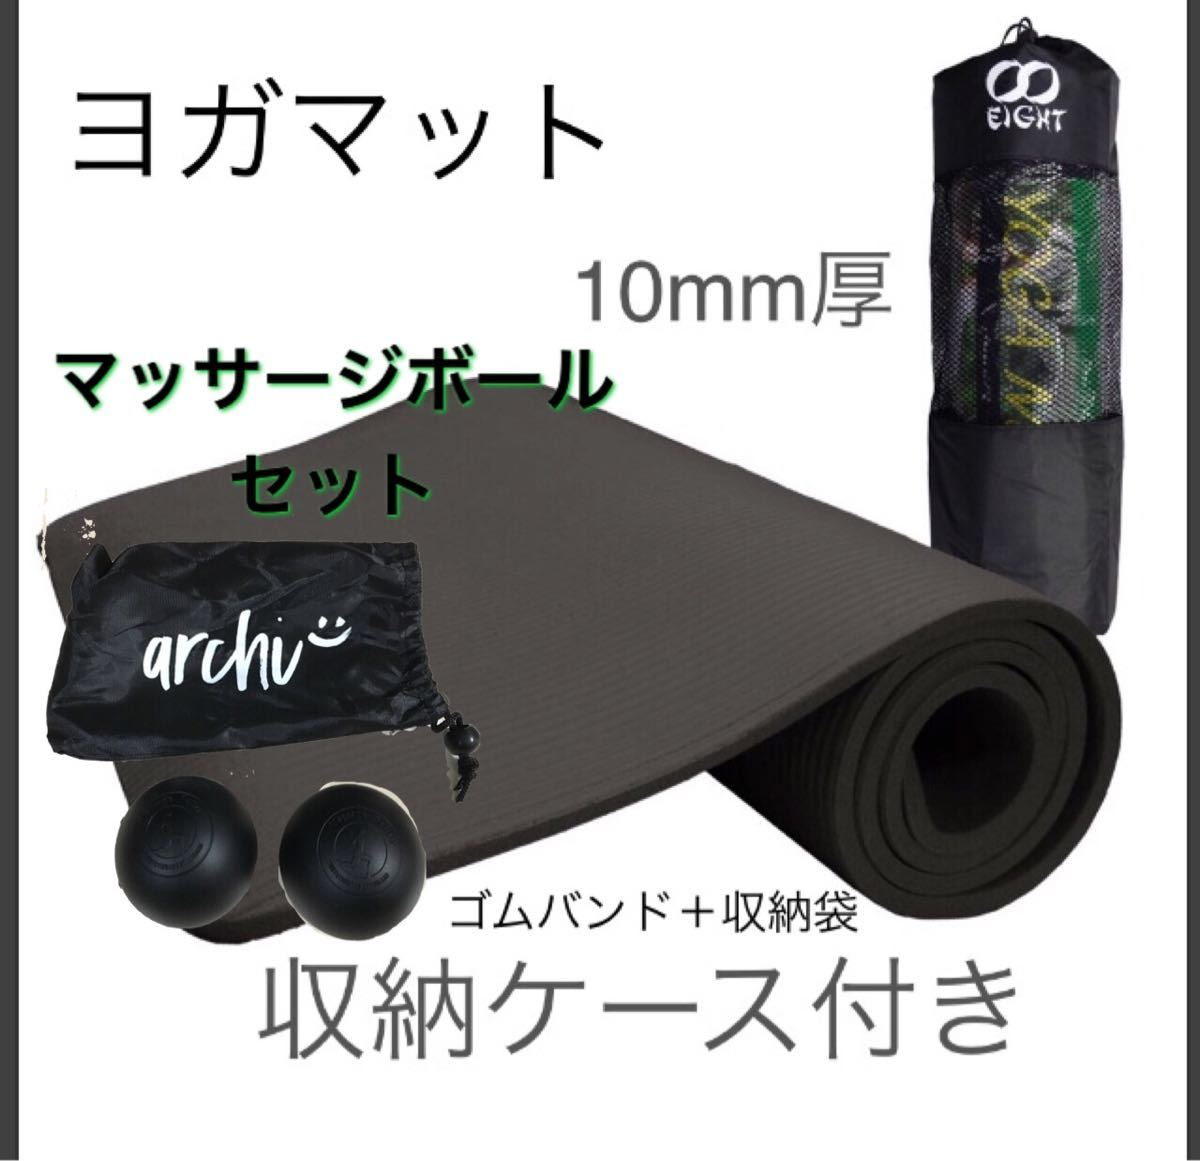 新品 2点セット ヨガマット 10mm厚 マッサージボール トレーニング 筋膜